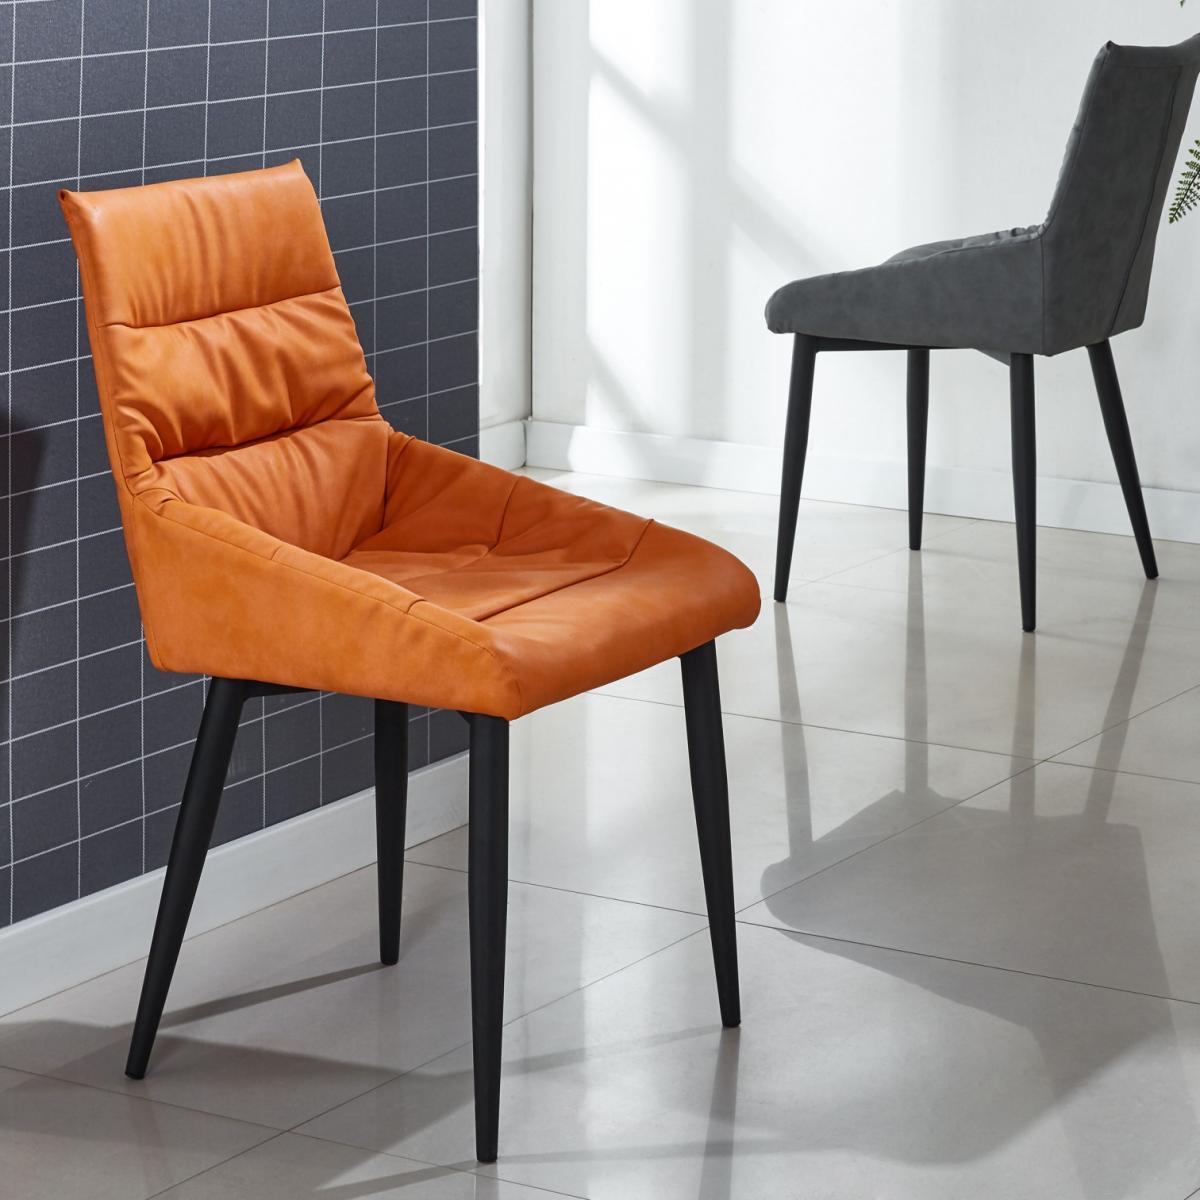 家用现代简约餐椅创意轻奢意极简凳子靠背酒店洽谈软包电脑椅子